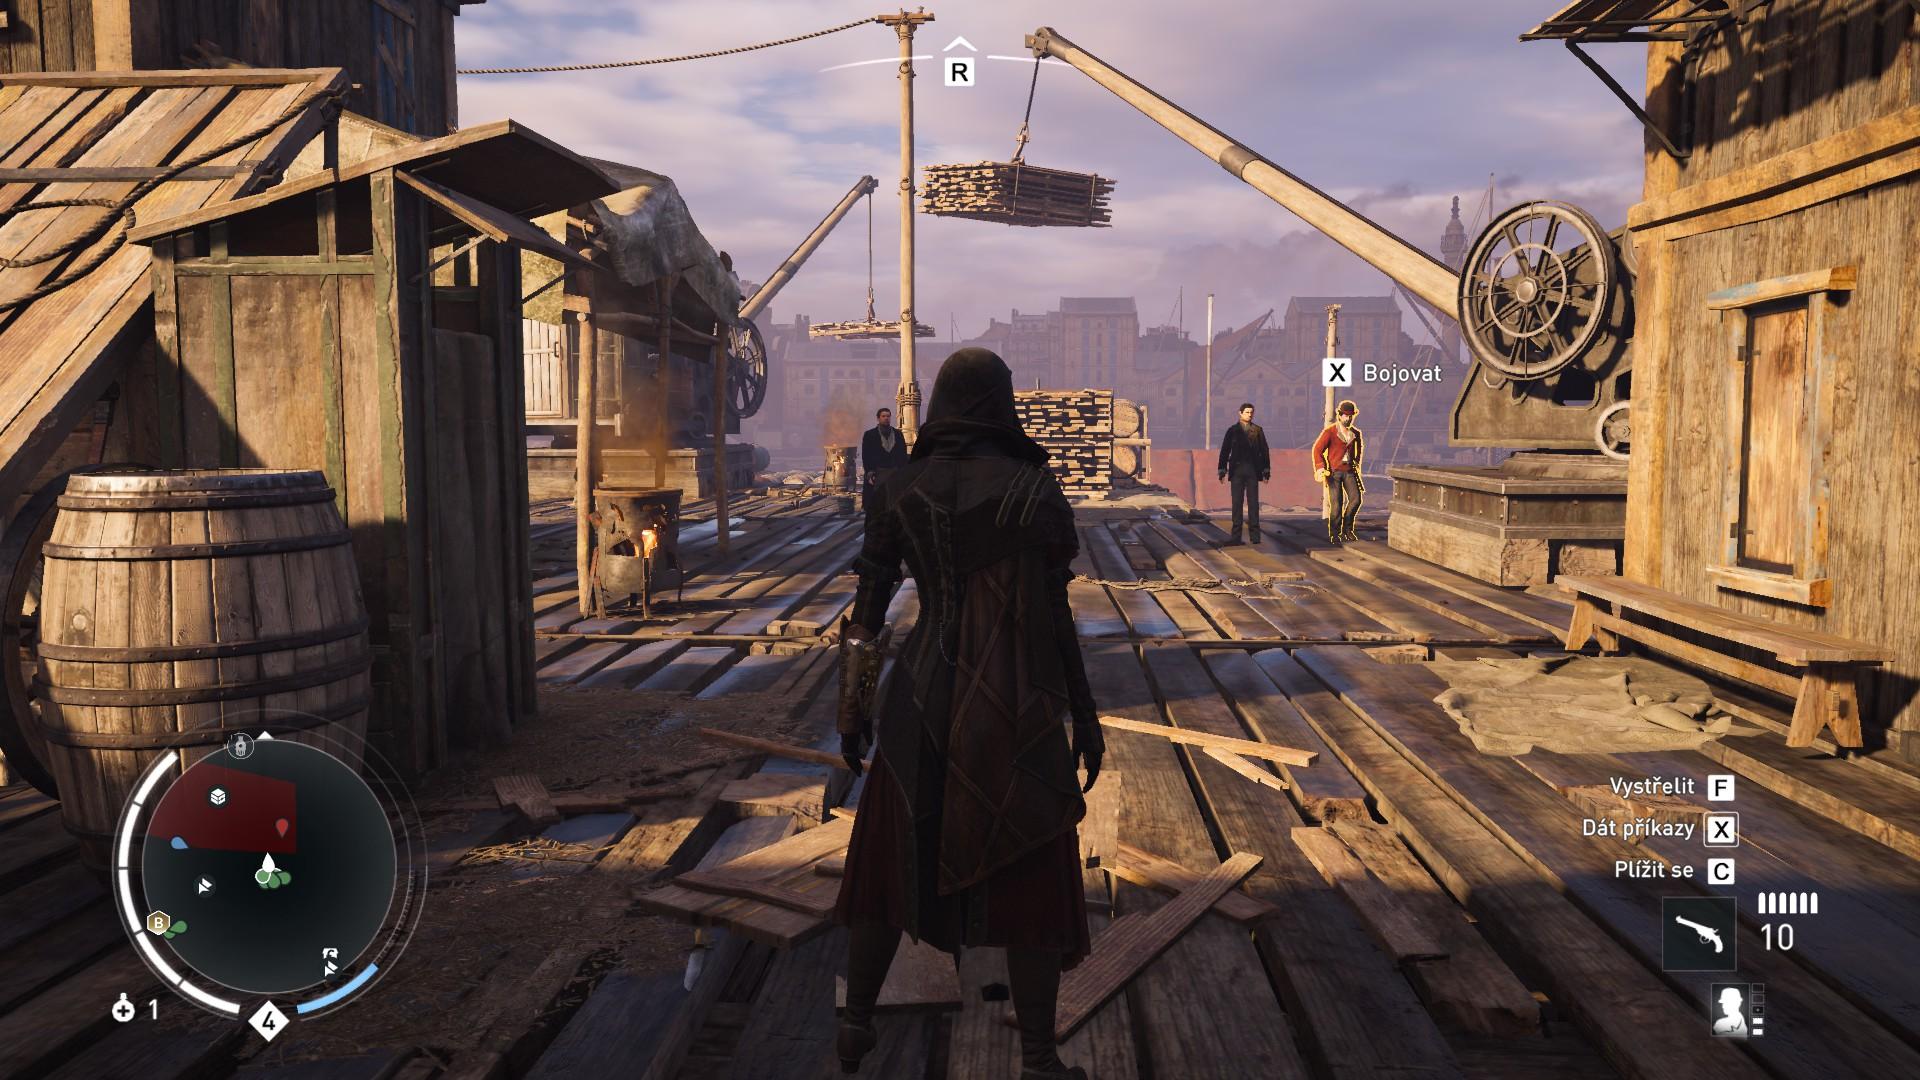 Zaostřeno na PC verzi Assassin's Creed: Syndicate 116527